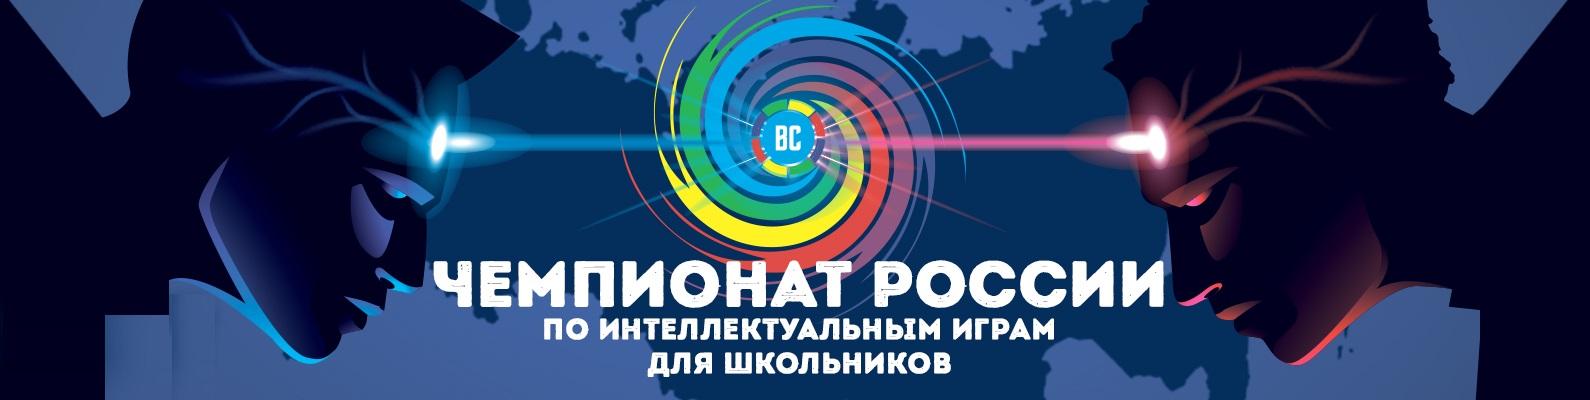 II ЧЕМПИОНАТ РОССИЙСКОЙ ФЕДЕРАЦИИ ПО ИНТЕЛЛЕКТУАЛЬНЫМ ИГРАМ ДЛЯ ШКОЛЬНИКОВ - 2020